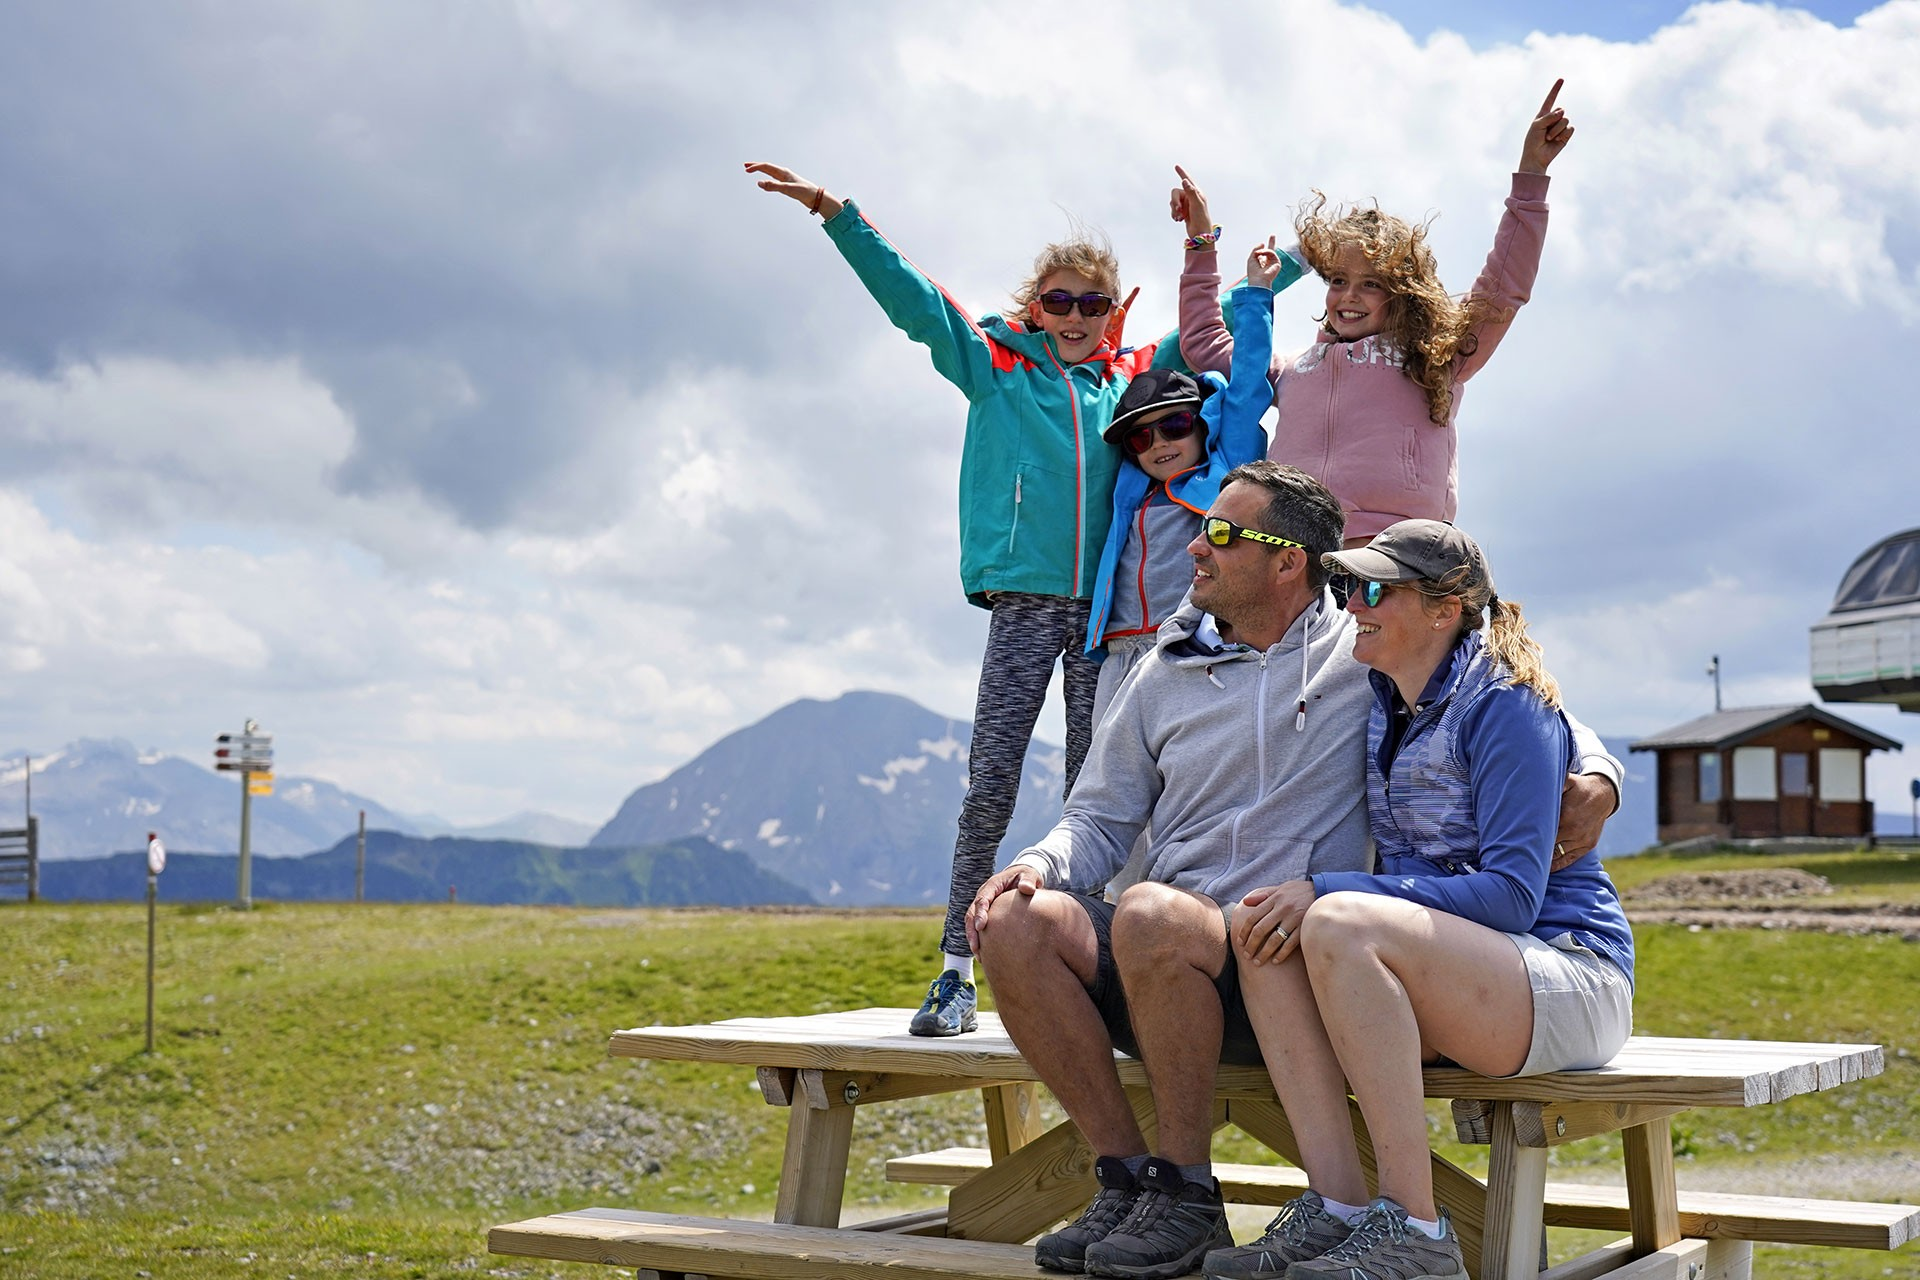 Chamrousse activité automne printemps famille station montagne grenoble isère alpes france